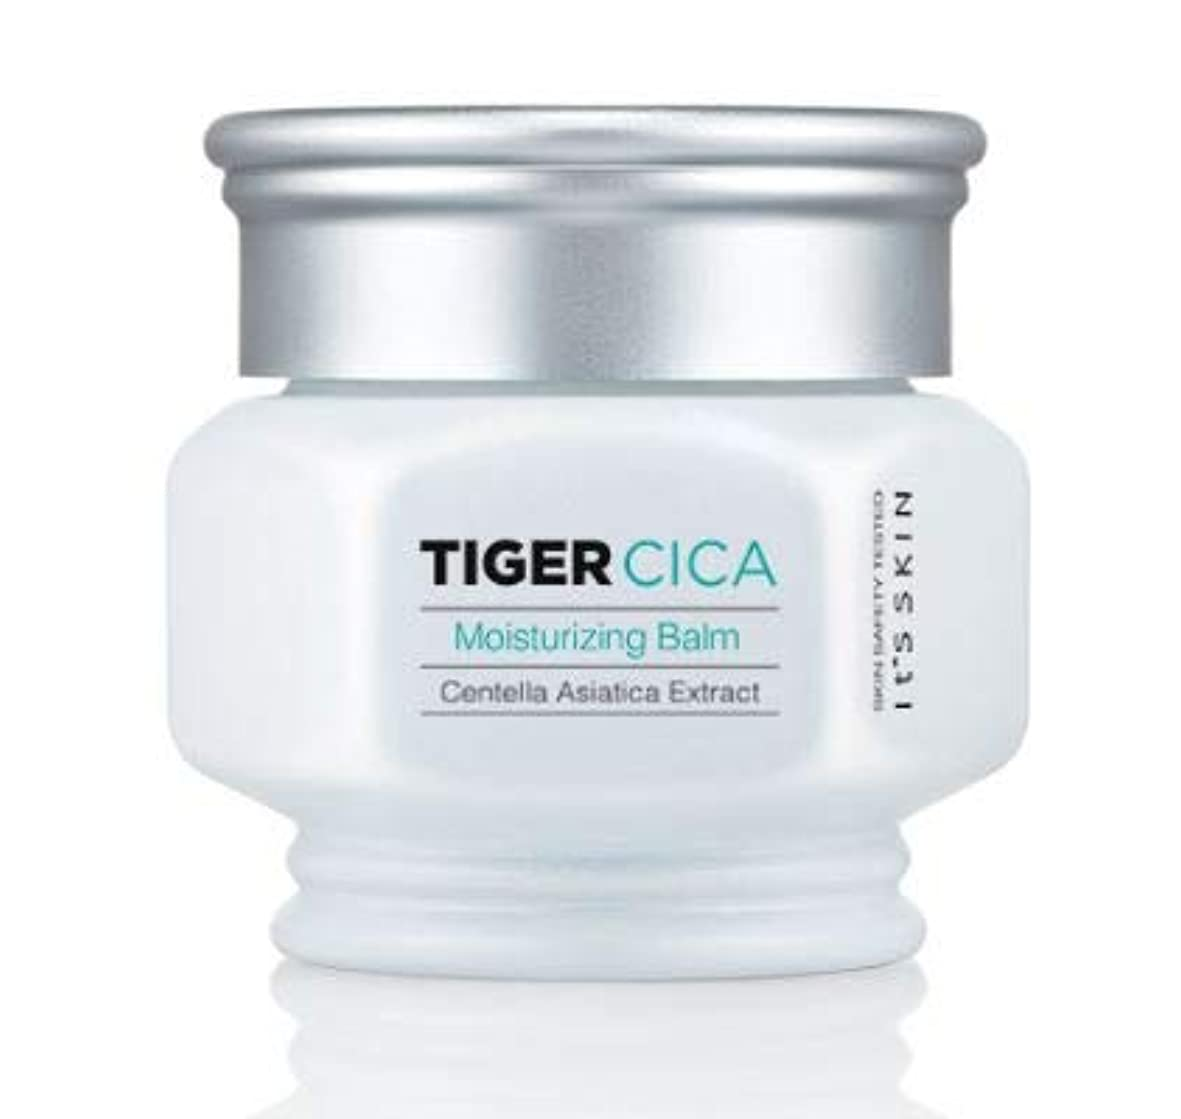 取り替える社会相談する[It's Skin] Tiger Cica Moisturizing Balm 50ml /[イッツスキン] タイガーシカ モイスチャライジング バーム 50ml [並行輸入品]